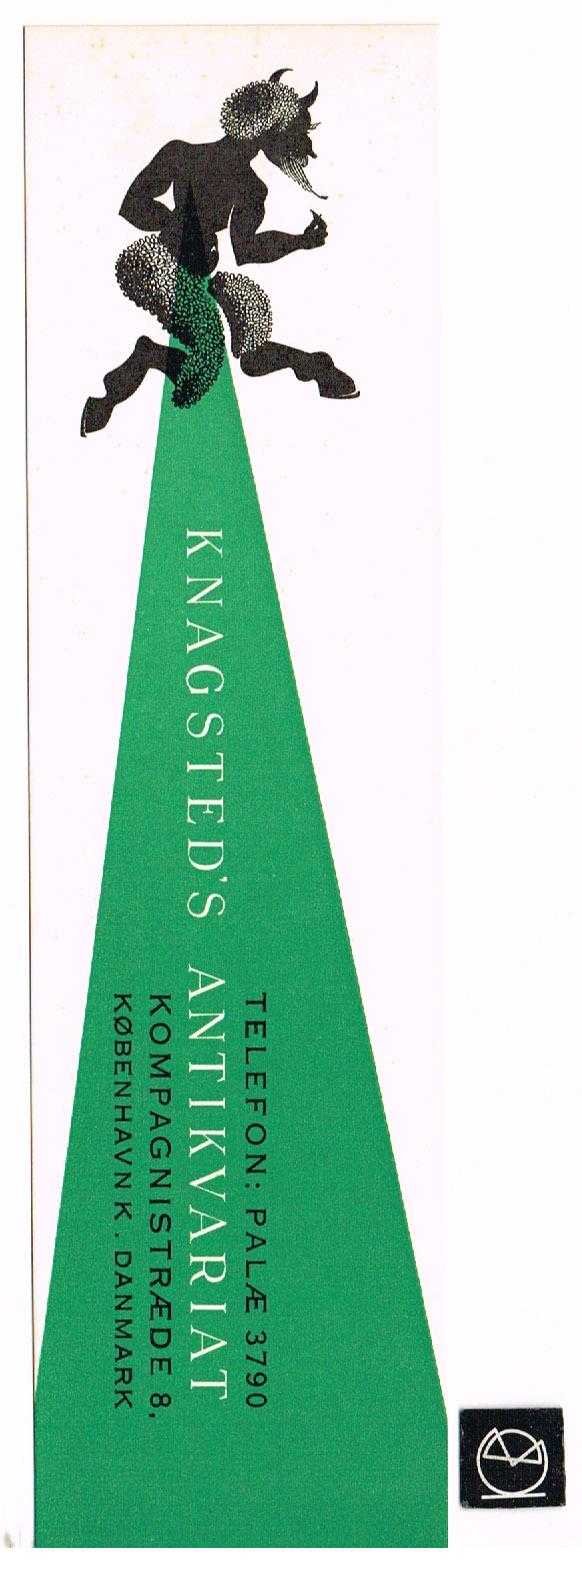 Knagsteds Antikvariat, København - bogmærke